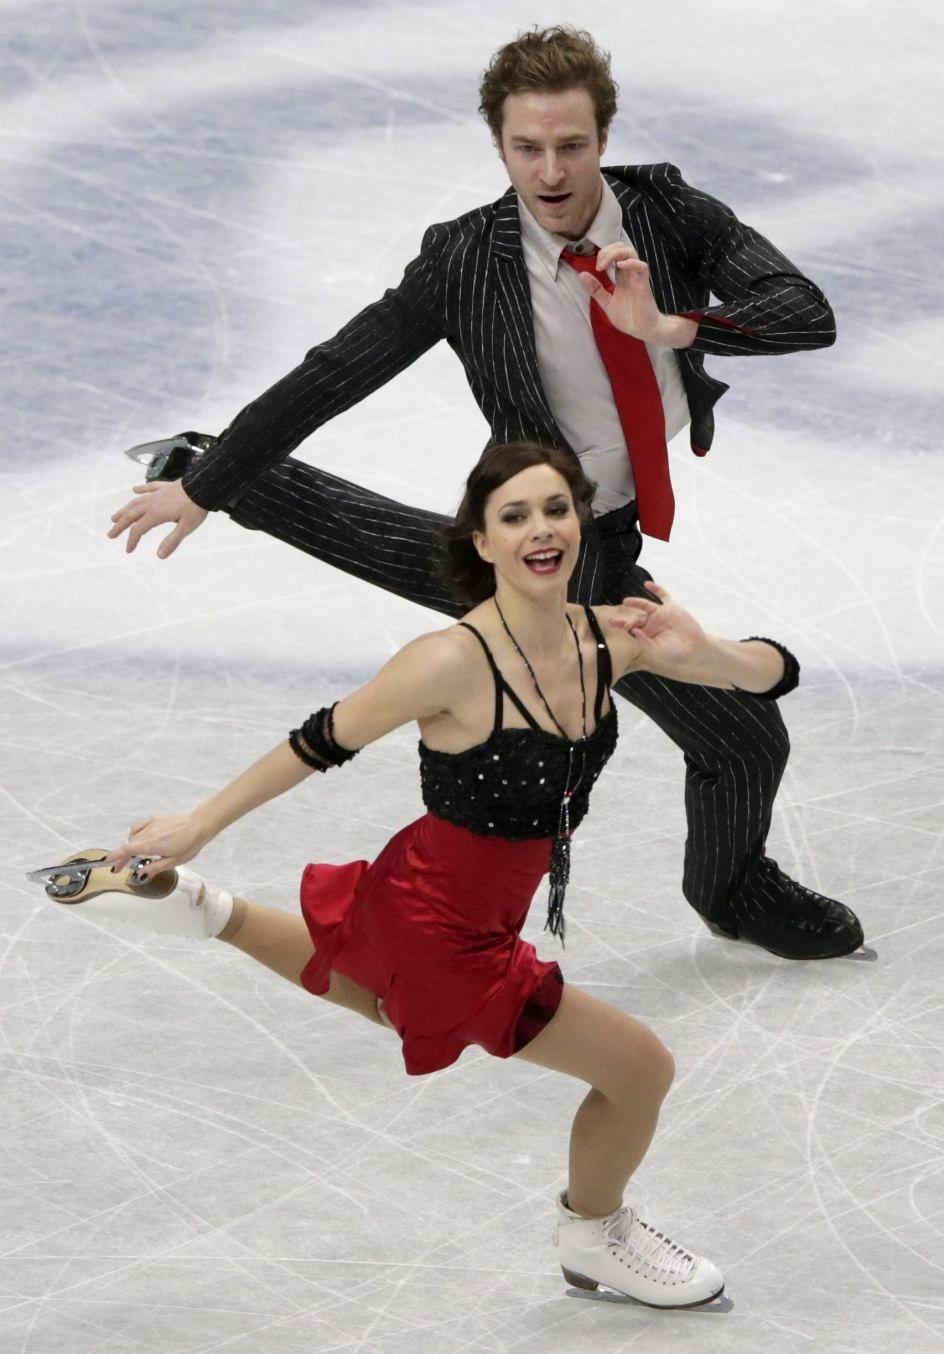 Mundiales de patinaje artístico